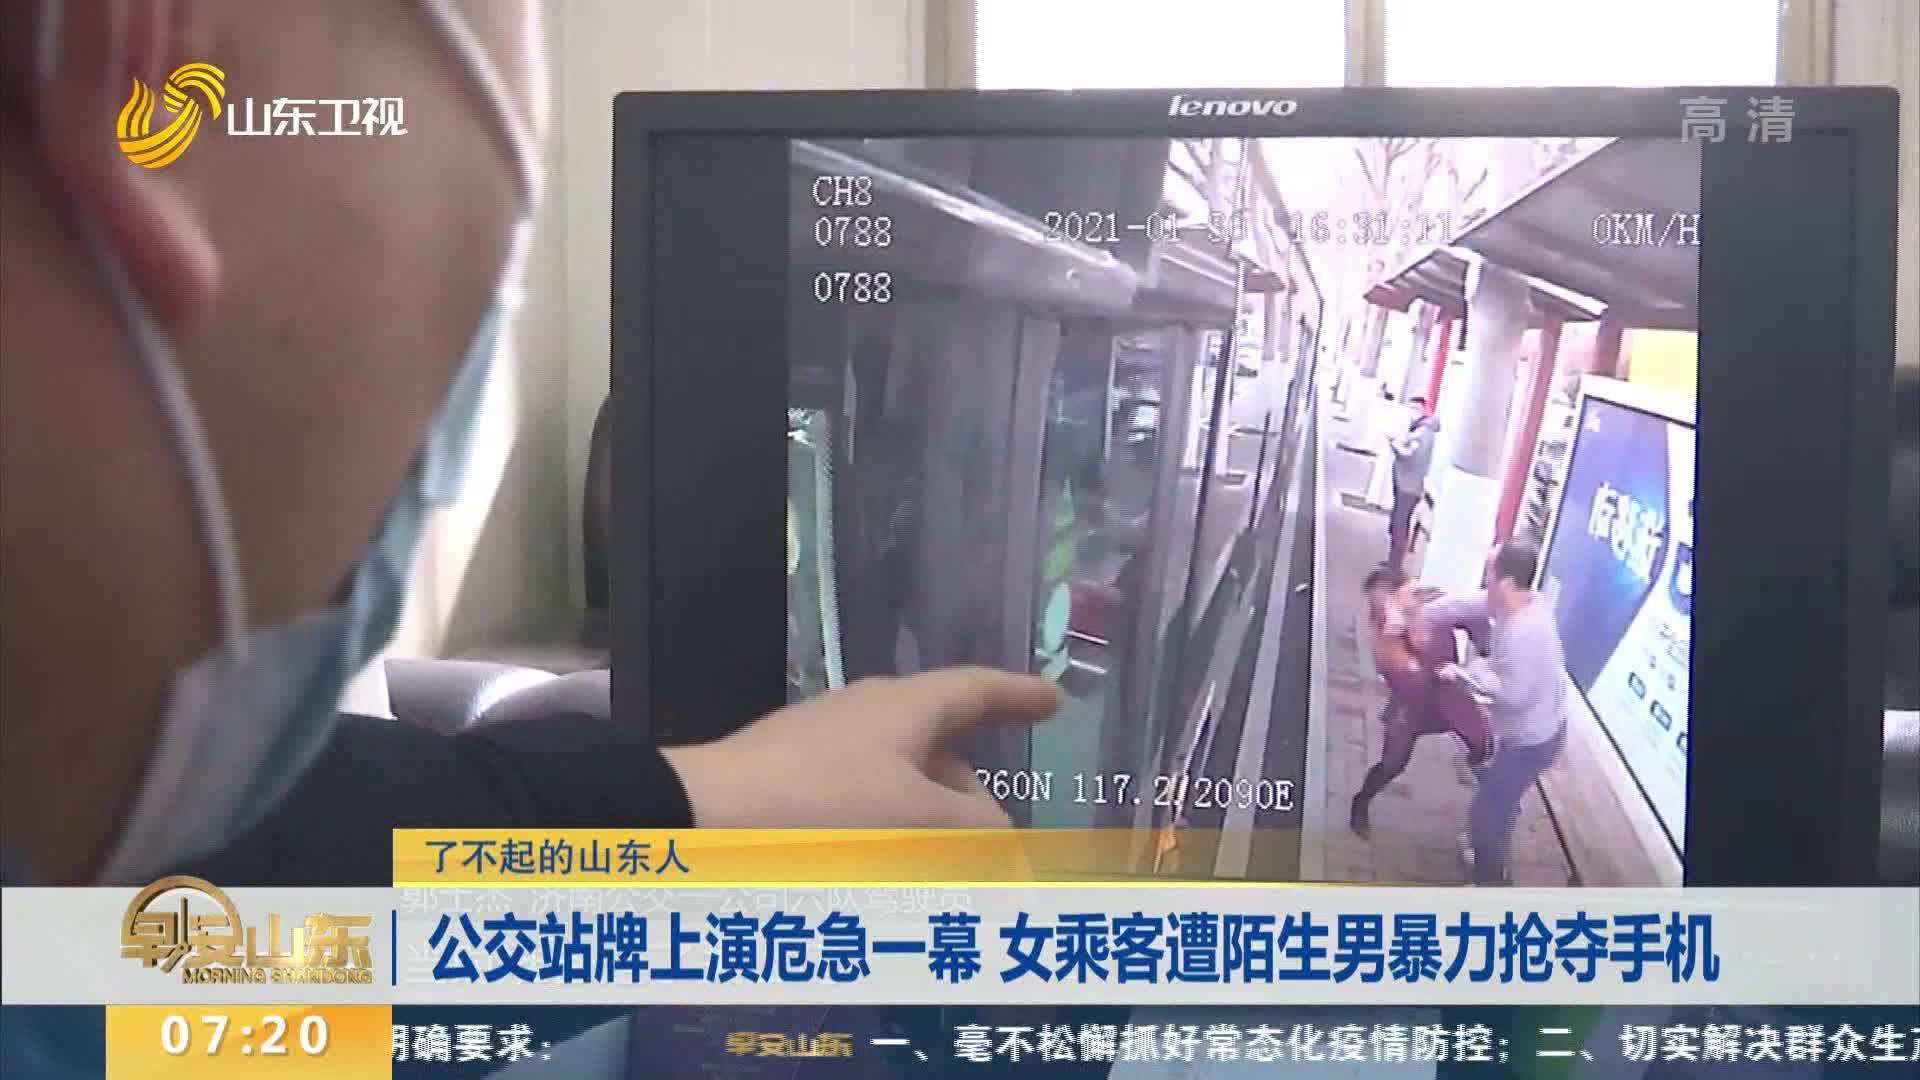 【了不起的山东人】公交站牌上演危急一幕 女乘客遭陌生男暴力抢夺手机